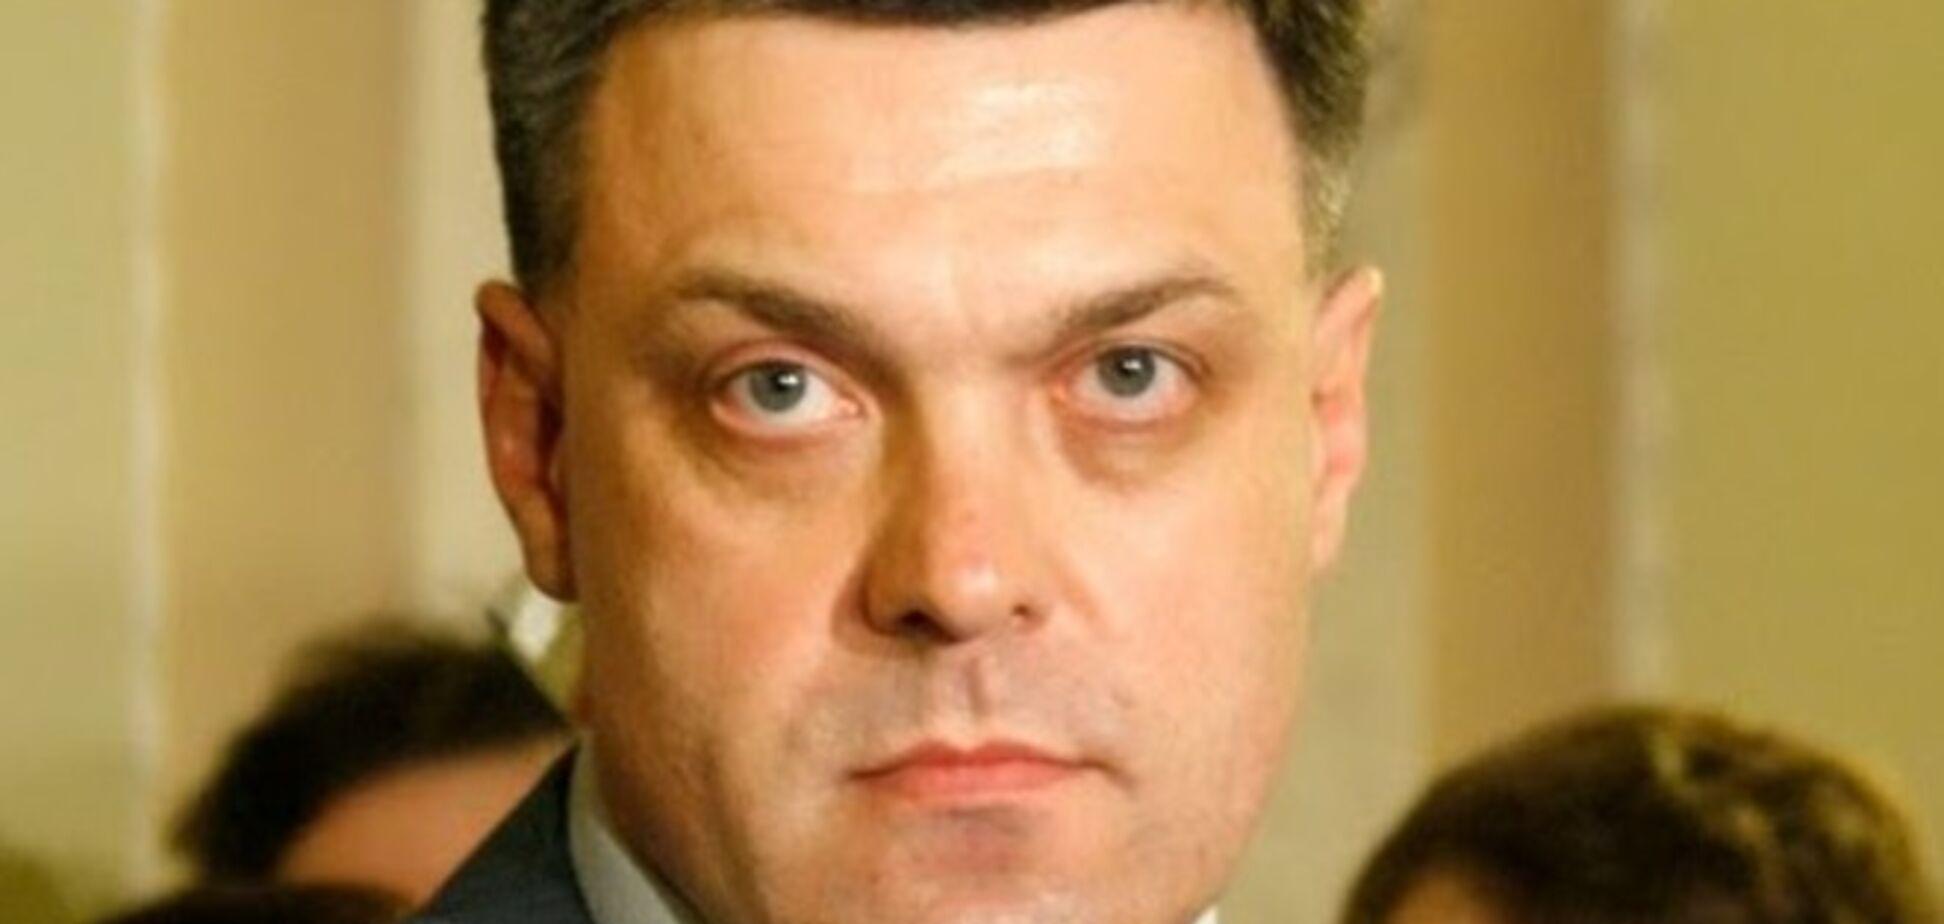 'Свобода' предложила лишать гражданства Украины за поддержку  сепаратизма